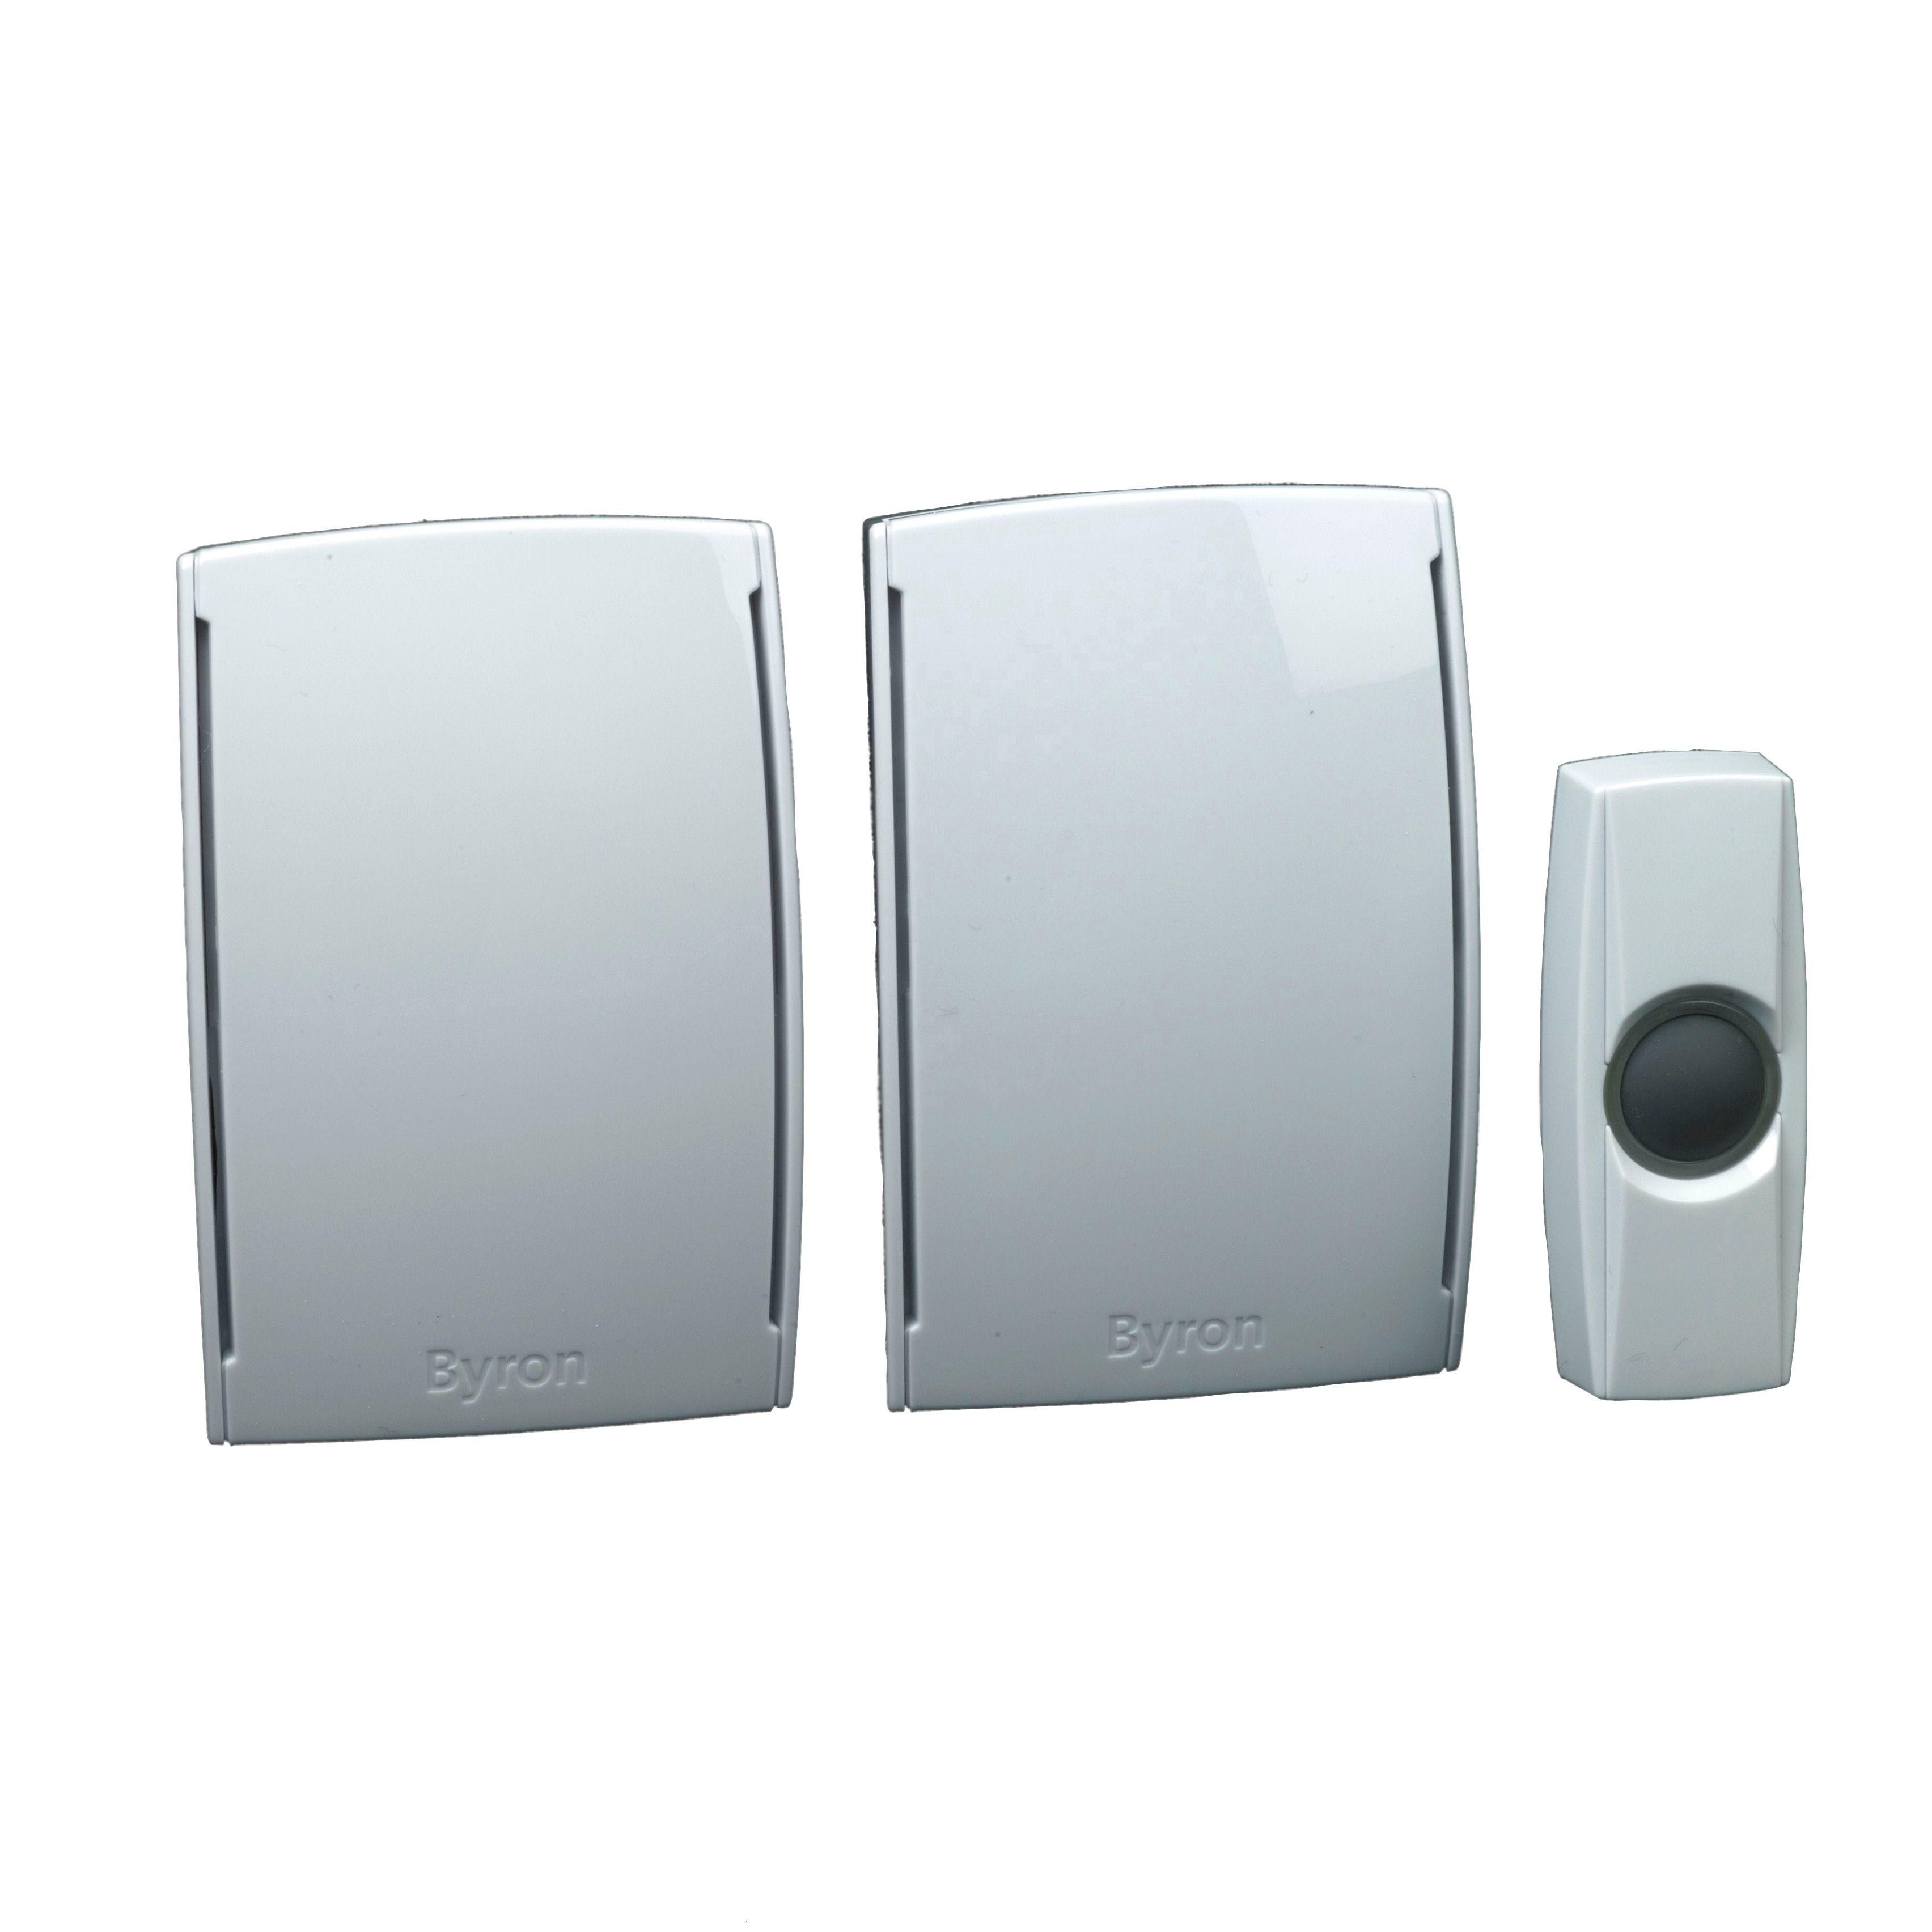 arlec wireless door chime instructions